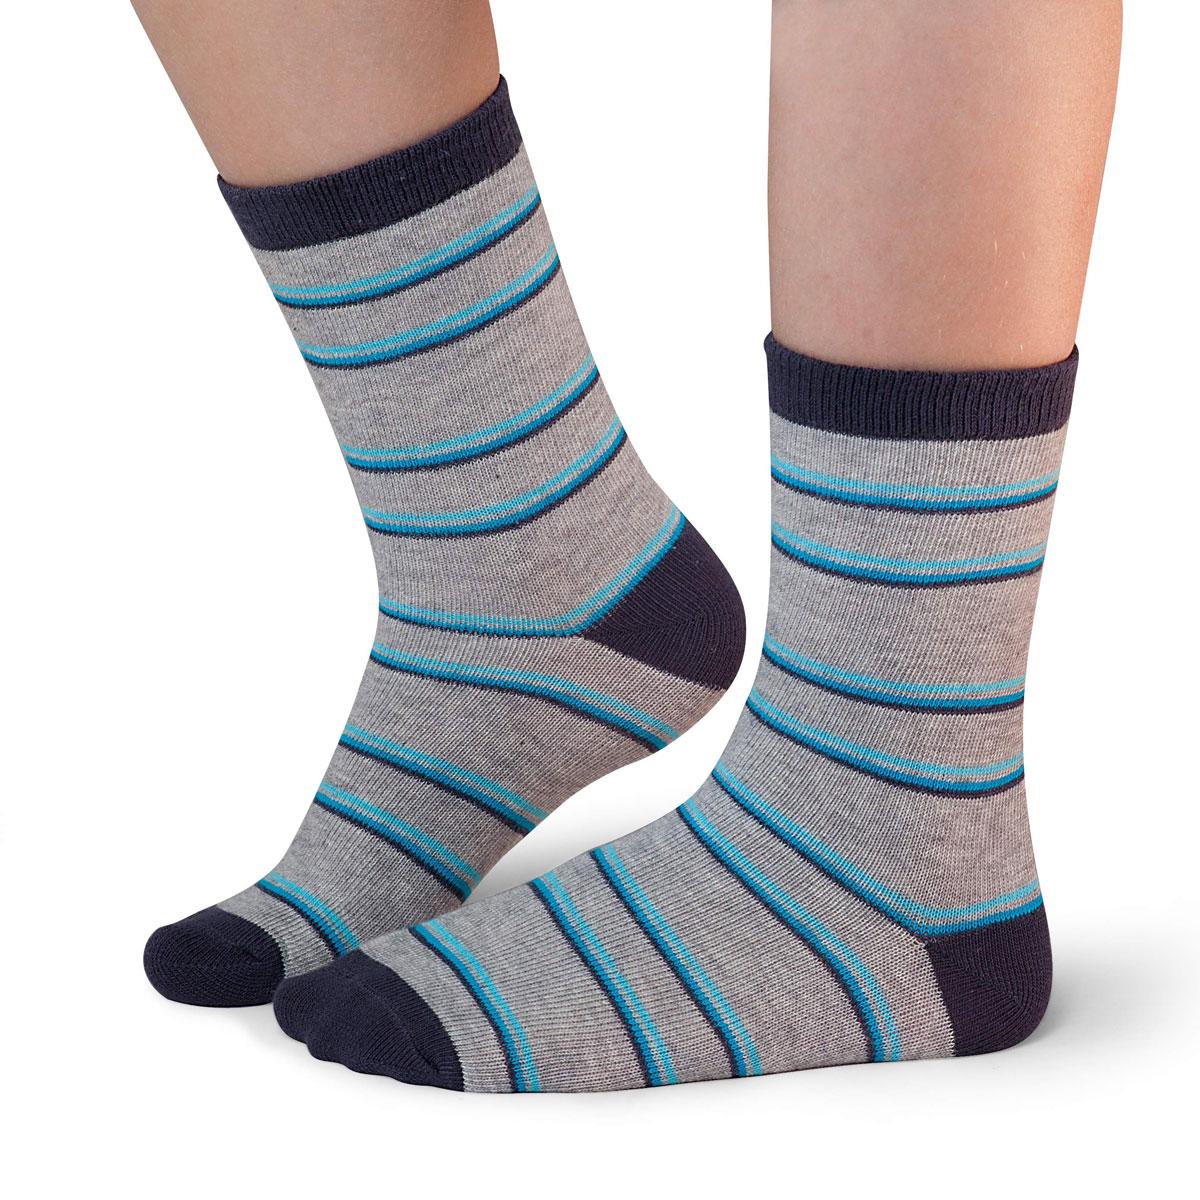 Носки для мальчика Idilio, цвет: серый, бирюзовый. SB17. Размер 30/32SB17Комфортные носки для мальчиков с добавлением экологически чистого хлопка, изготовленные без применения химических красителей.